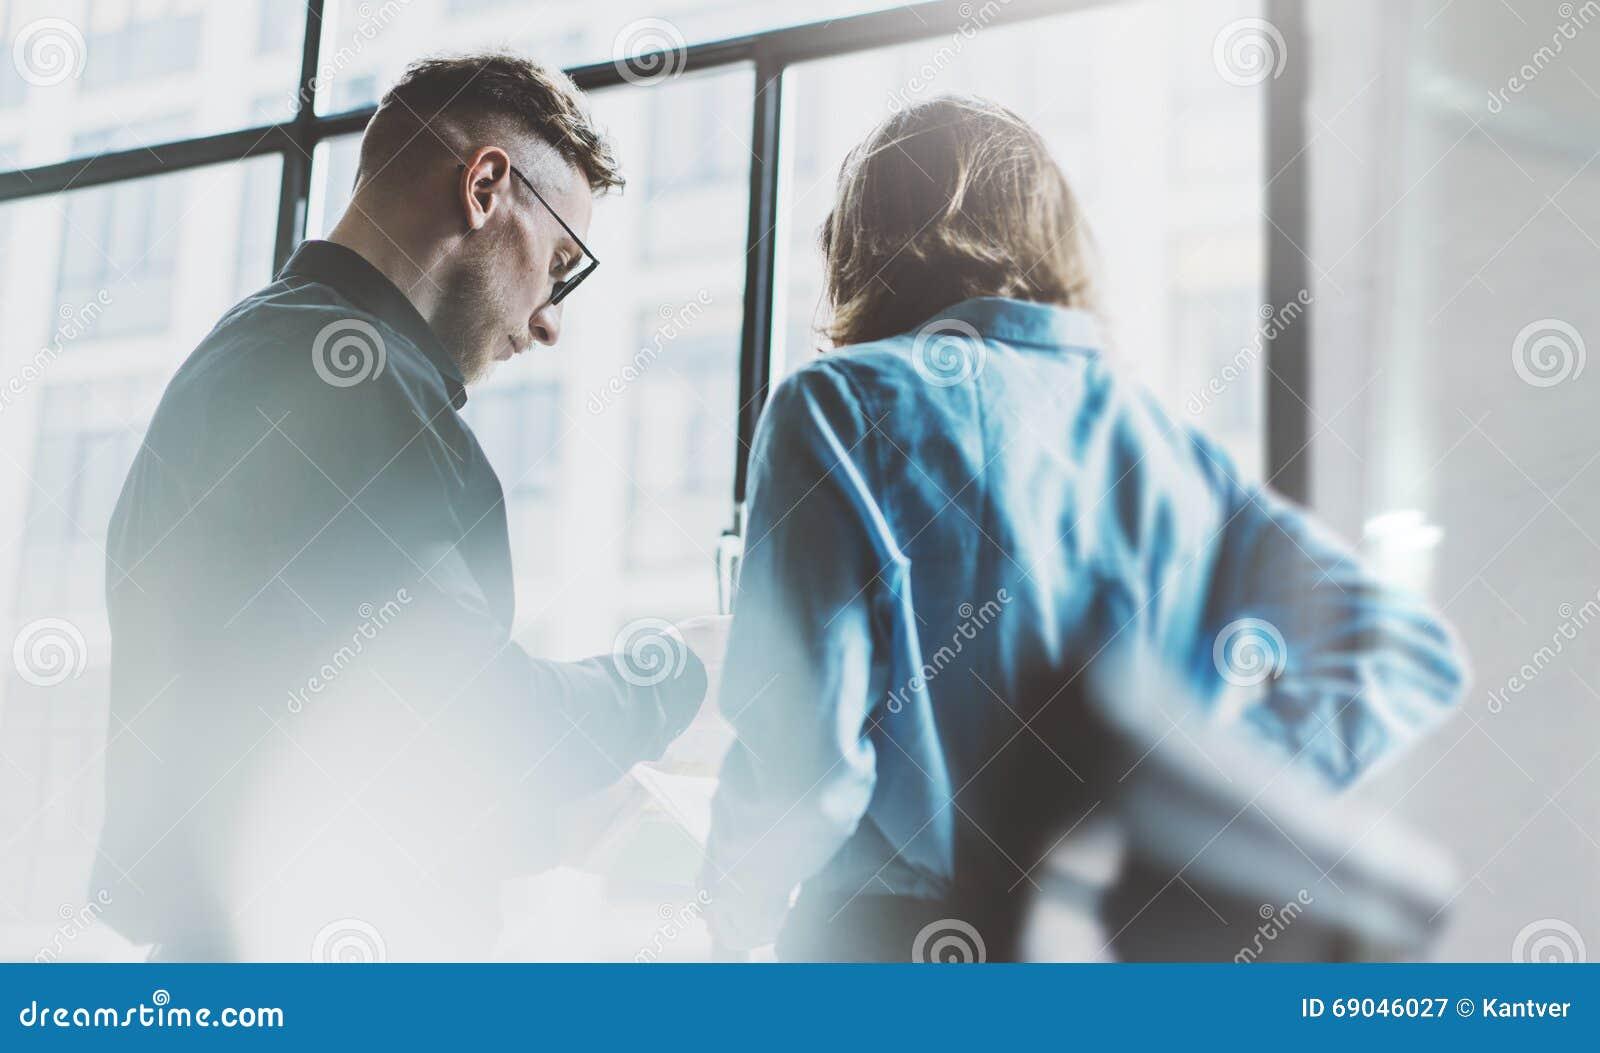 队coworking的过程 照片年轻企业乘员组与新的起始的项目一起使用 见面在窗口附近的项目负责人 蠢材